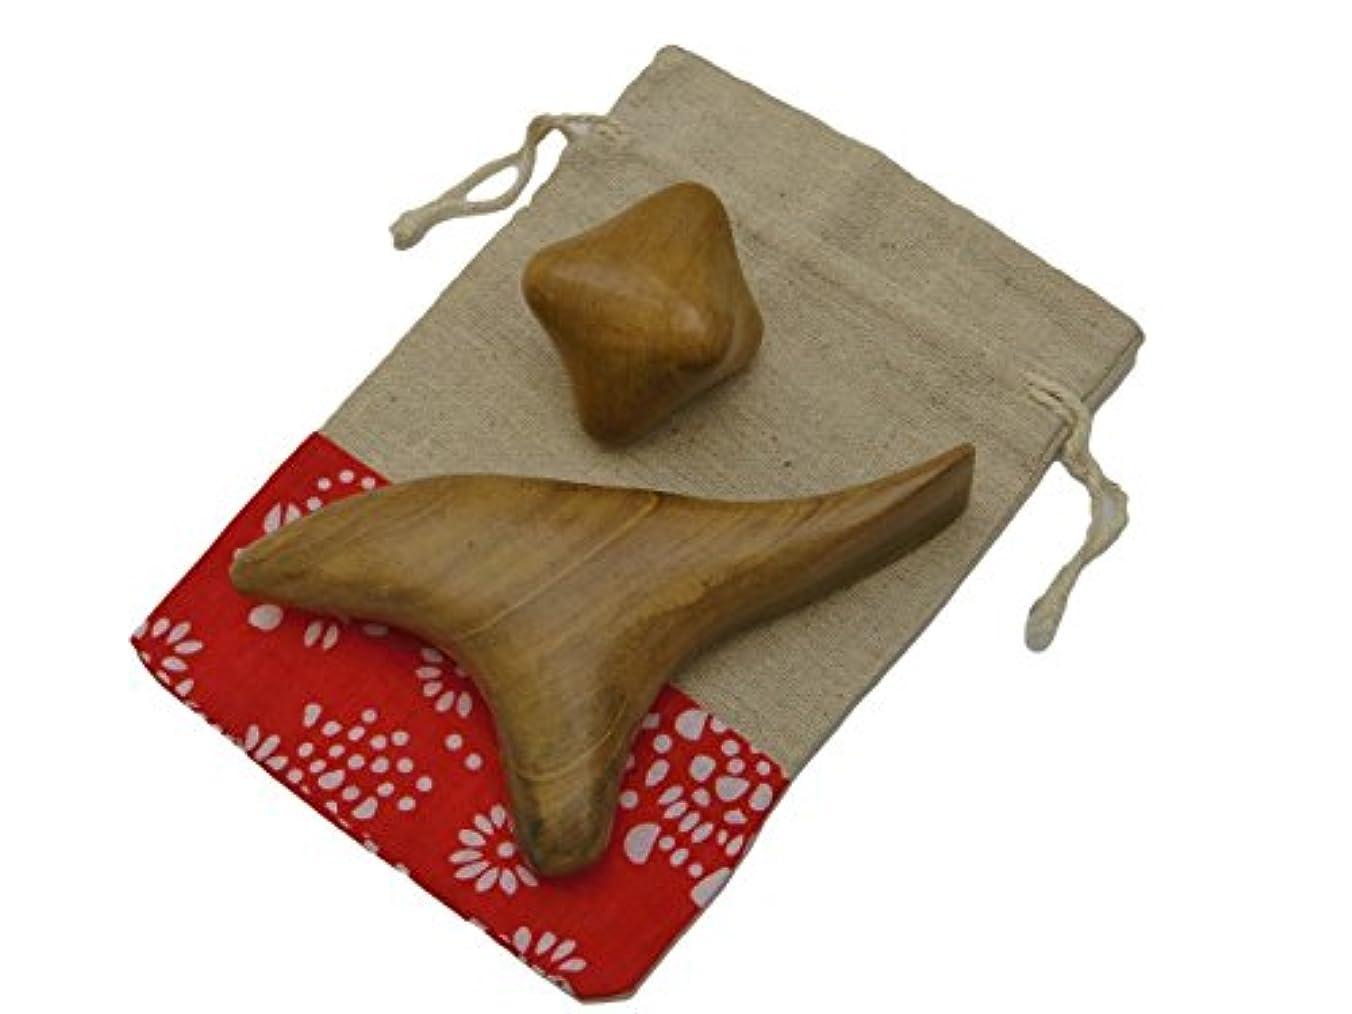 直感植物学者風刺Import miscellaneous goods 木製 指圧 棒 ツボ 押し マッサージ 玉 リンパ 足 手 つぼ かっさ 2